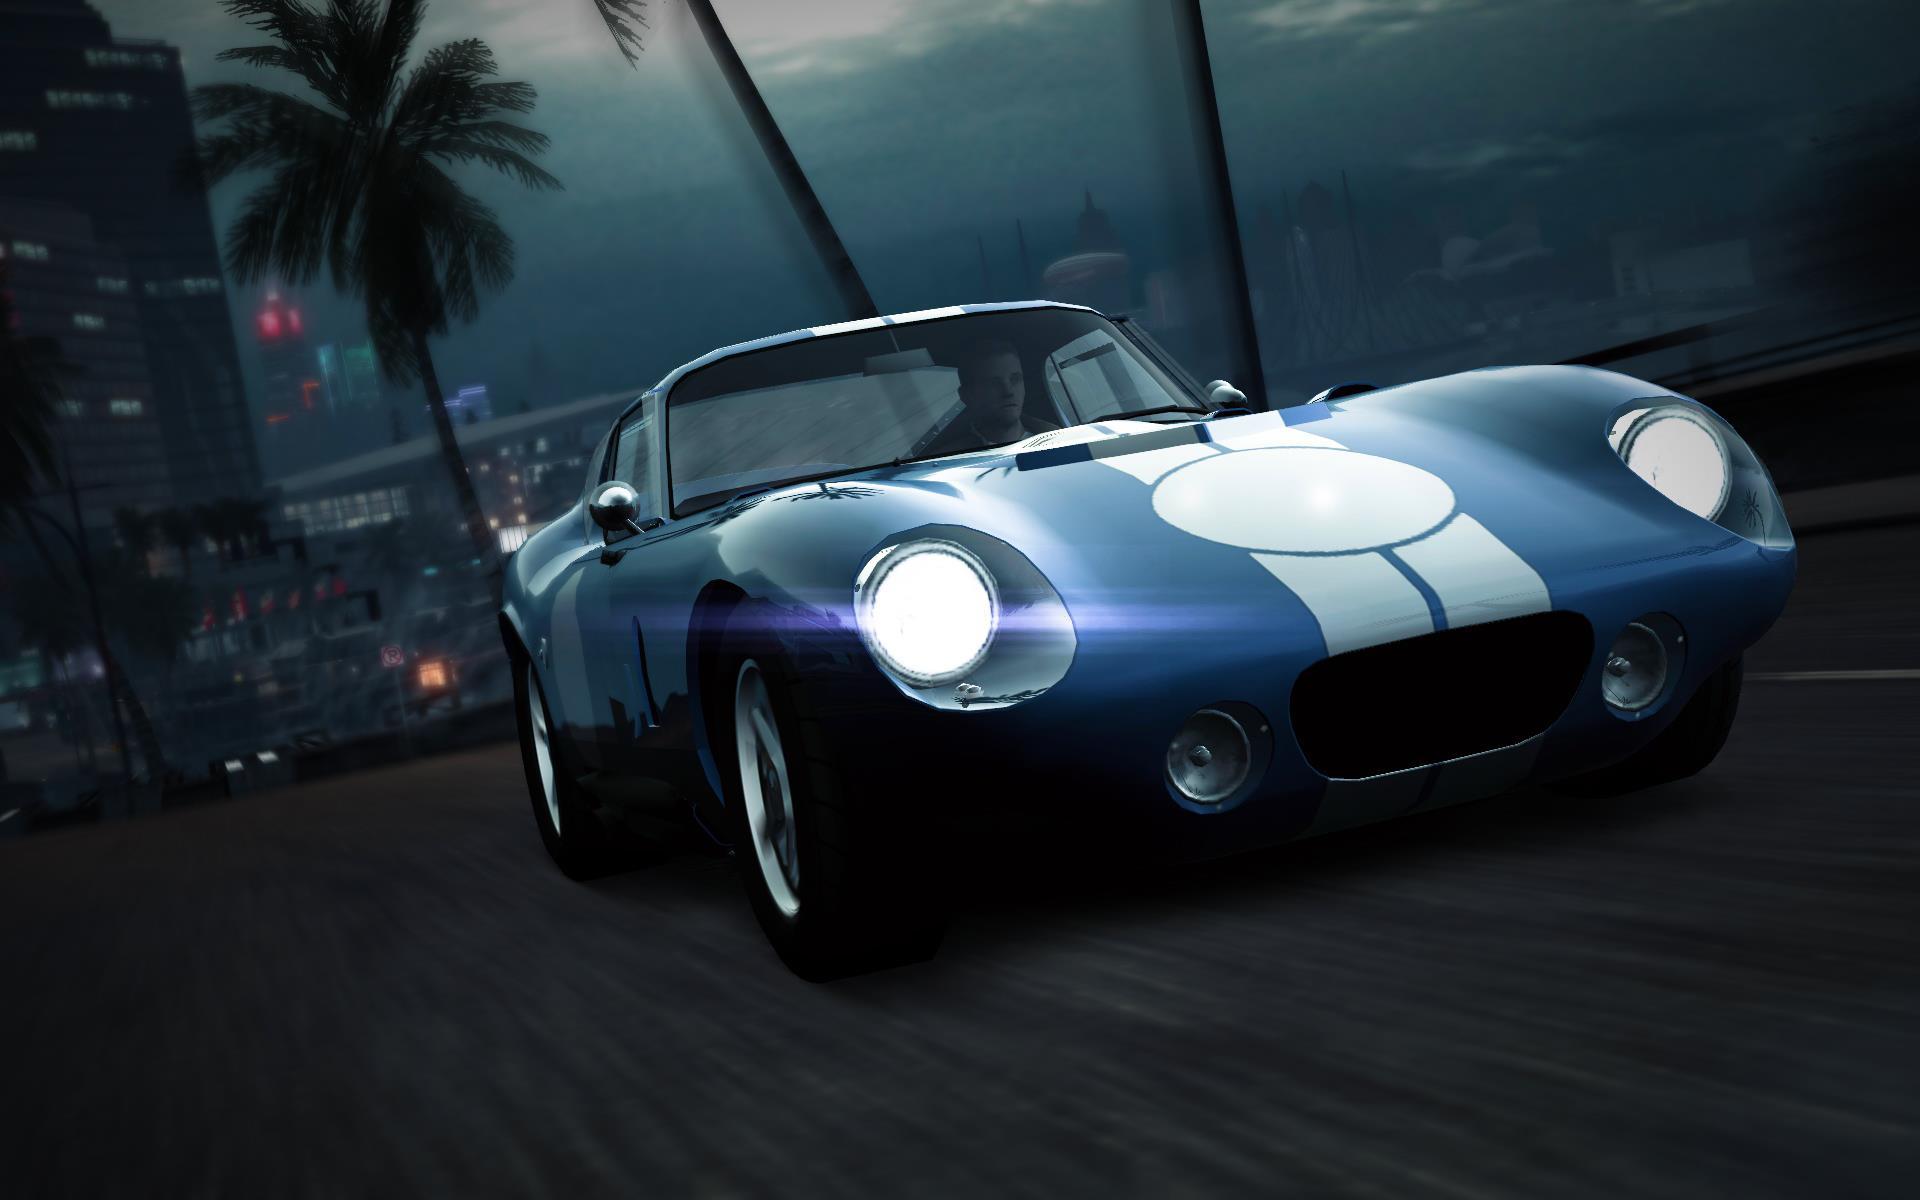 Shelby Cobra Daytona Coupe | NFS World Wiki | FANDOM powered by Wikia